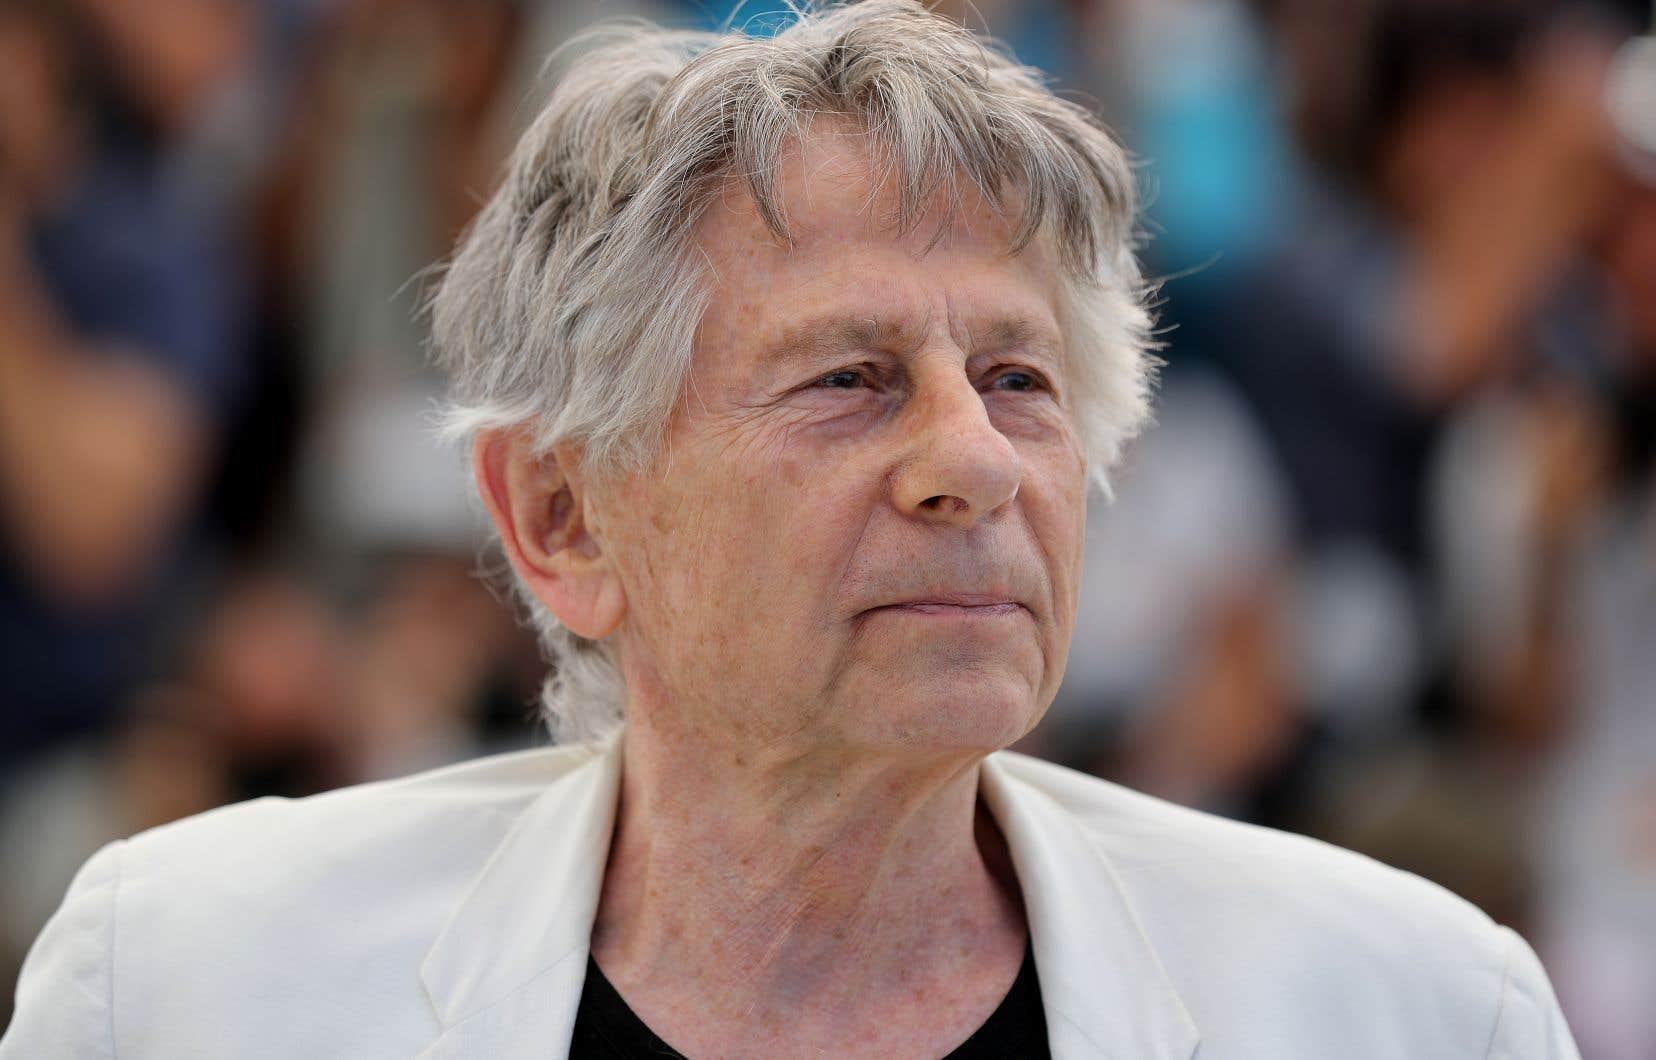 En novembre, Roman Polanski a été suspendu de la Société civile des auteurs, réalisateurs et producteurs.